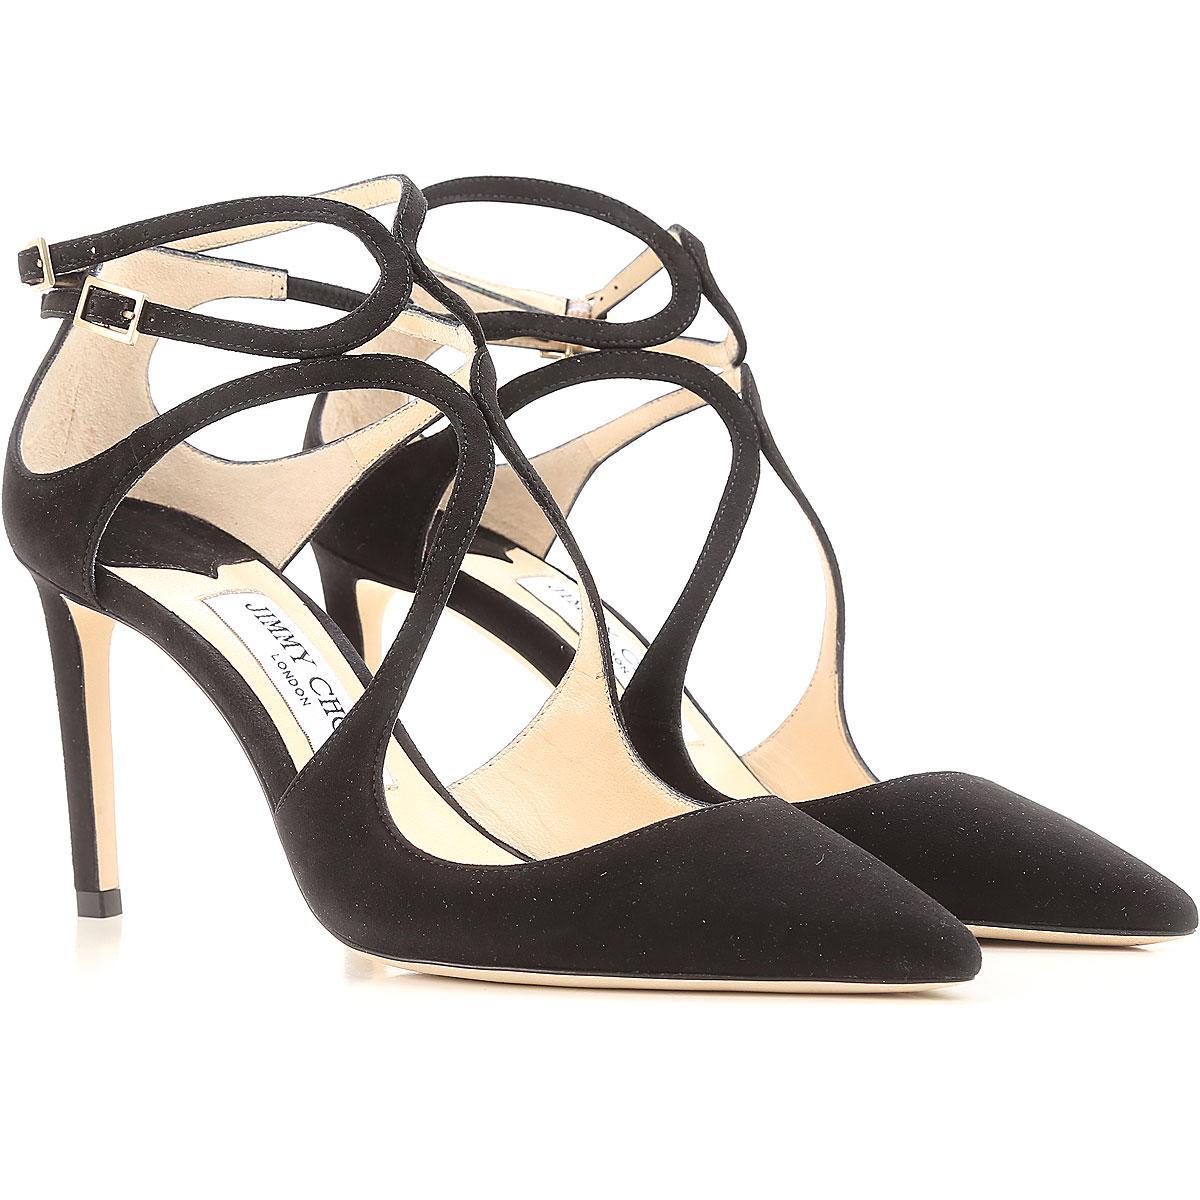 Jimmy Choo Shoes For Women In Black